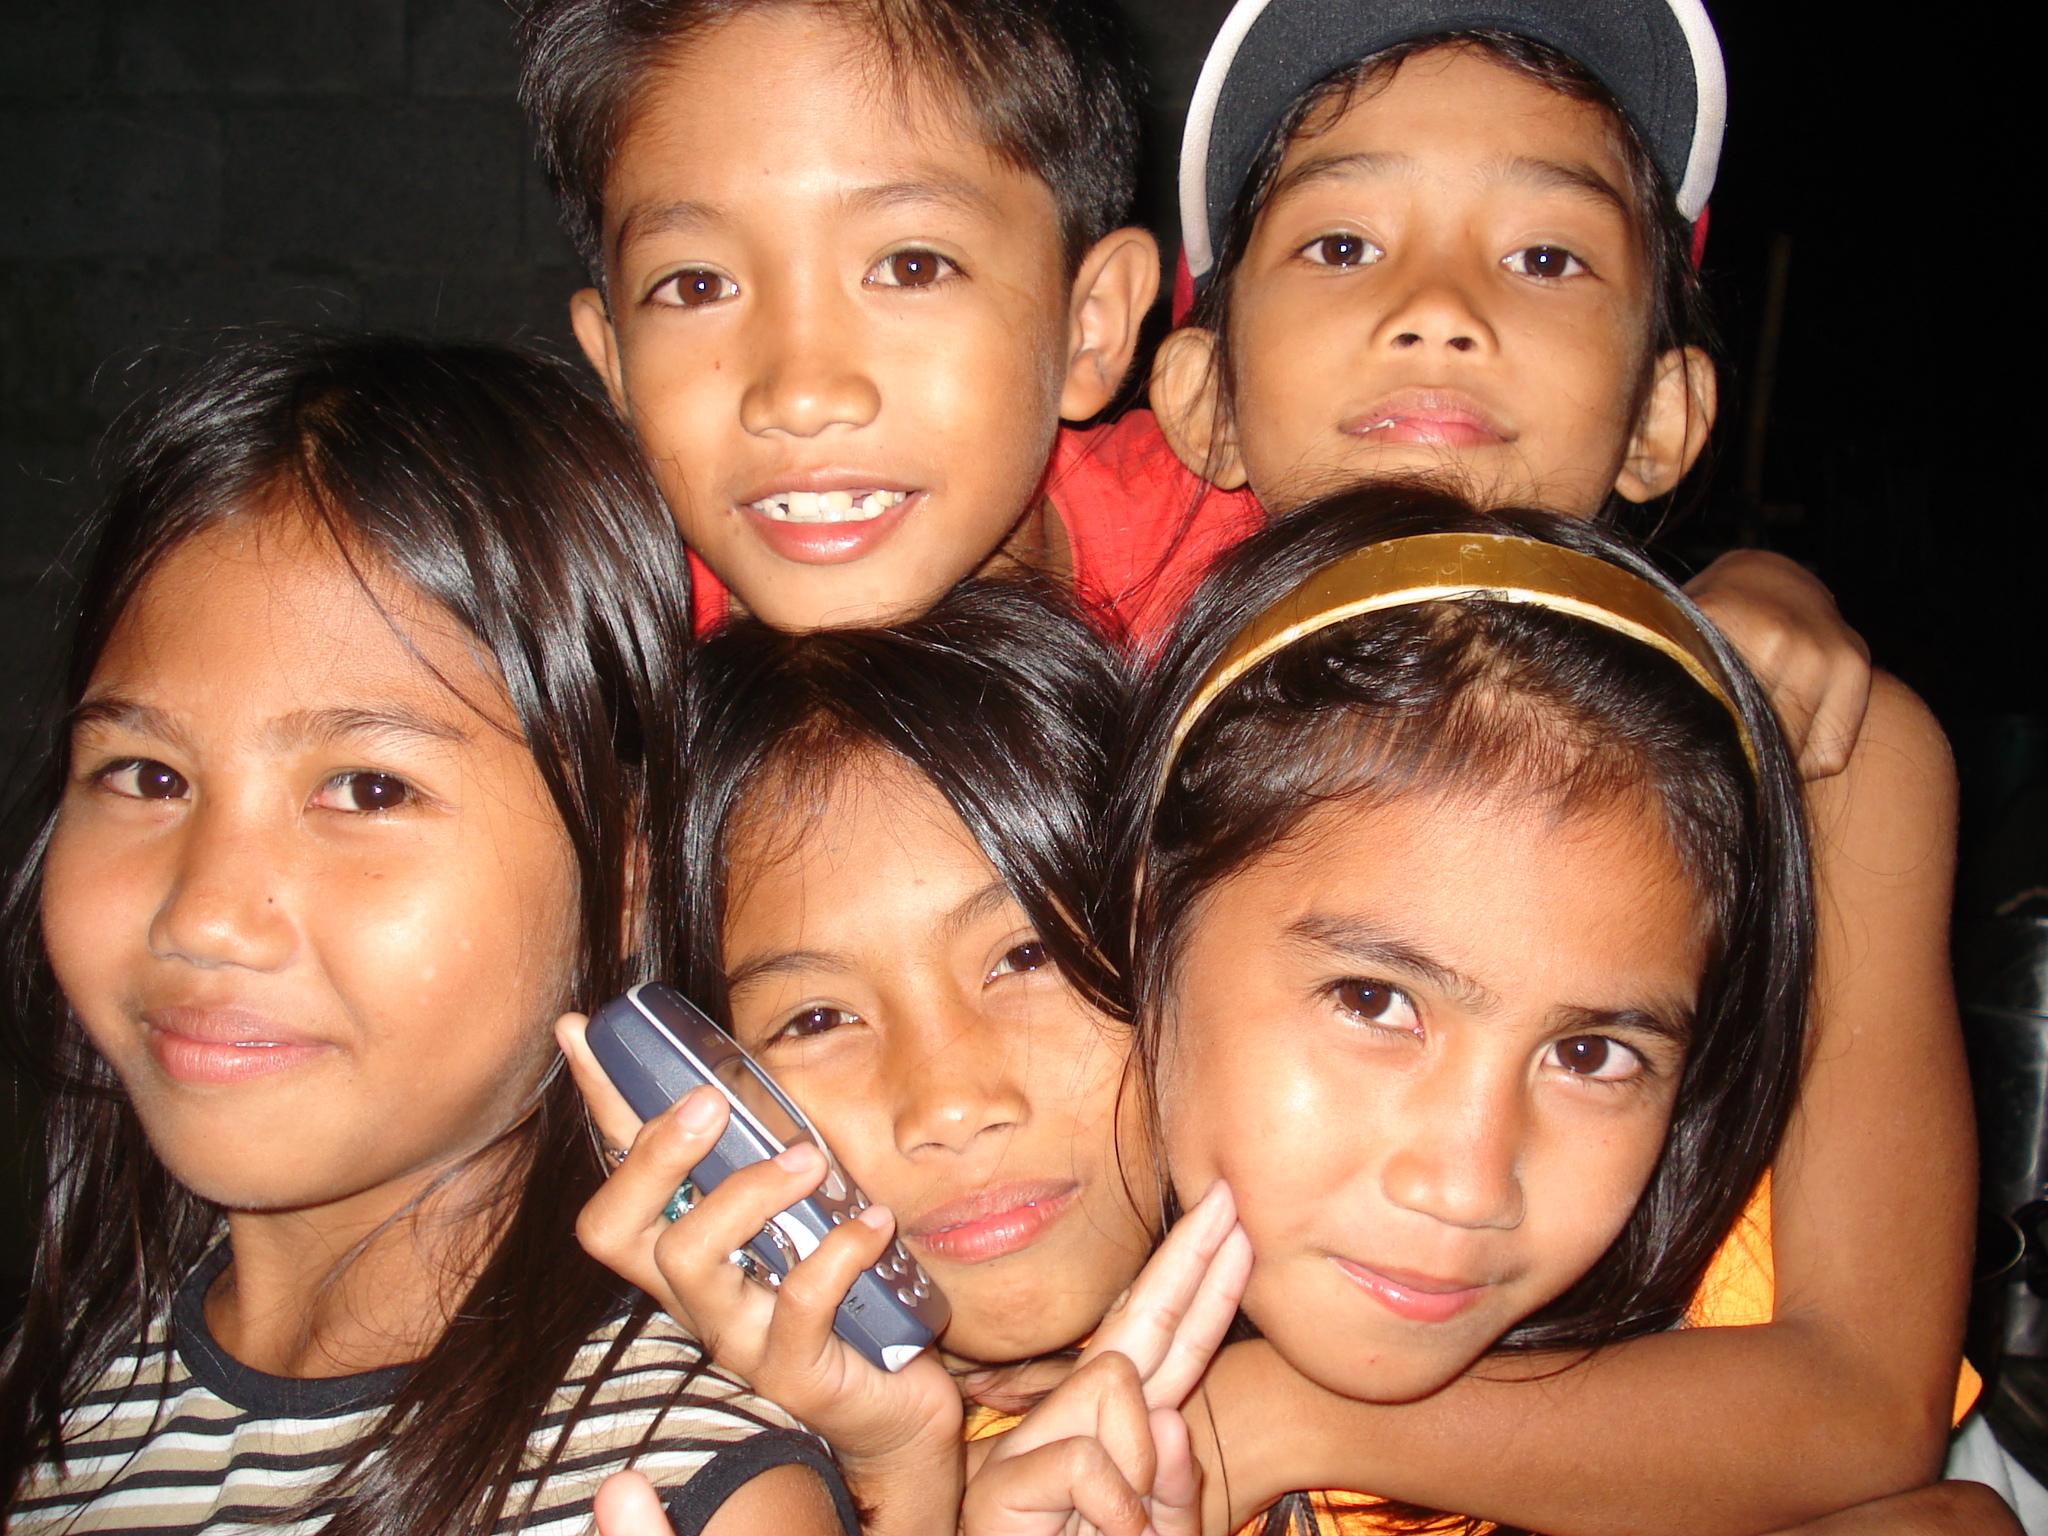 フィリピン風俗 Dsc02260